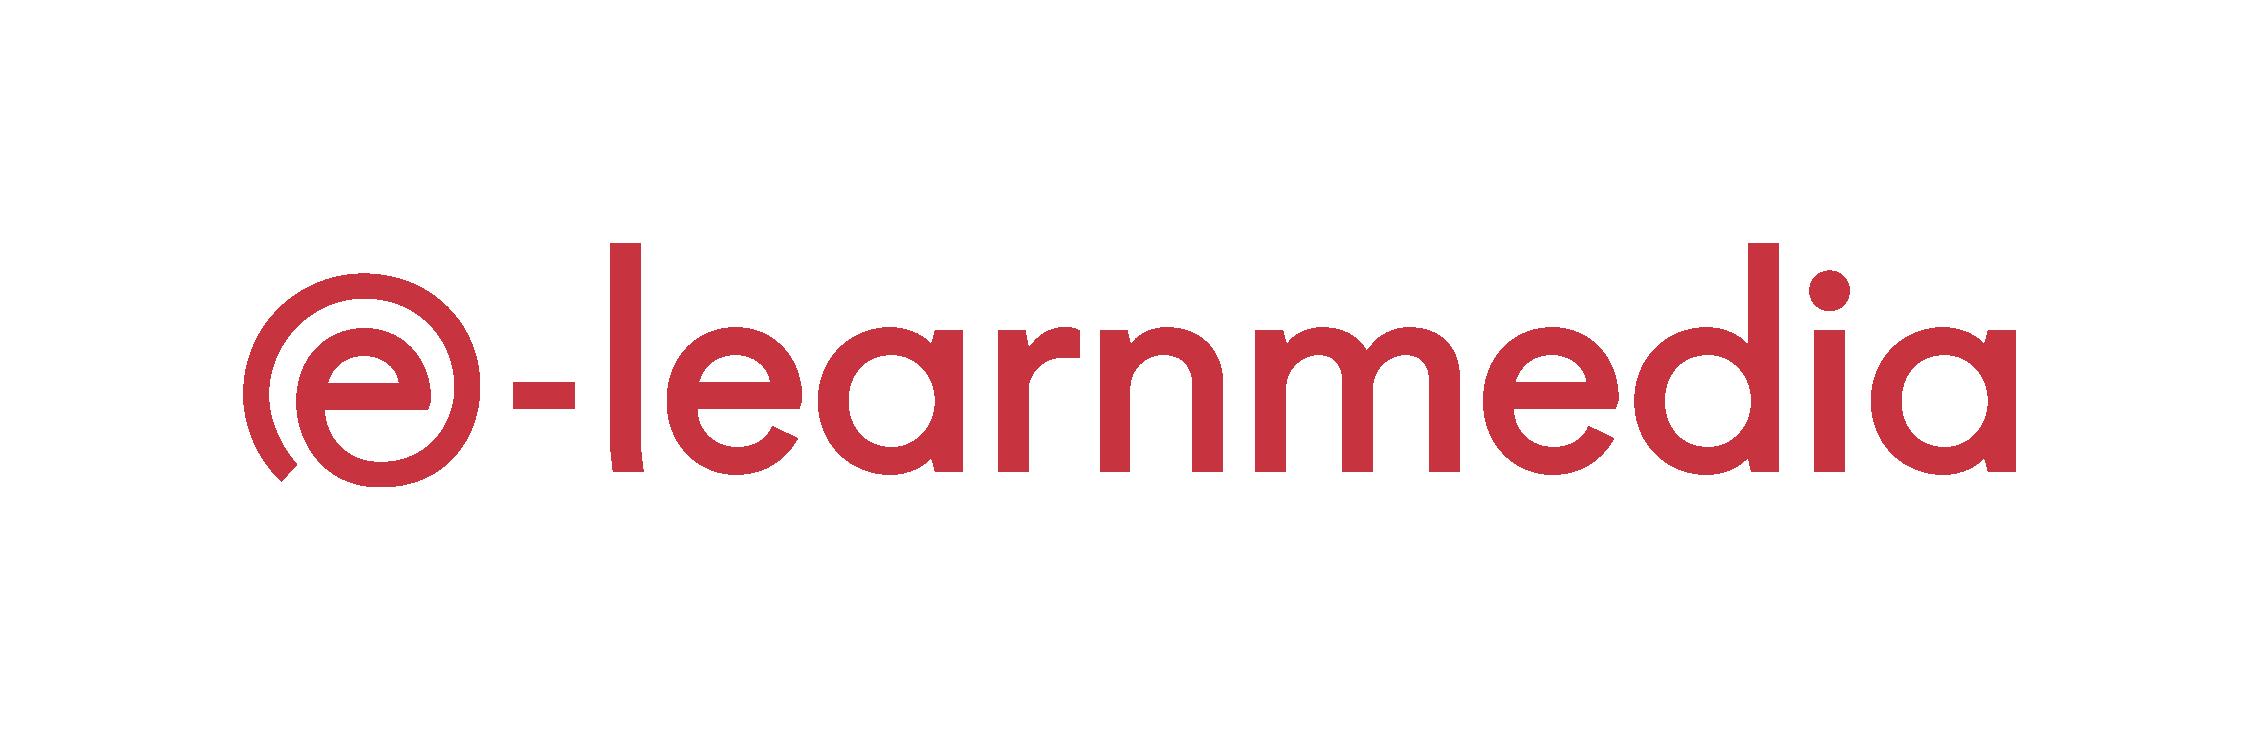 Logo: elearn media - OttoLearn Microlearning Certified Partner